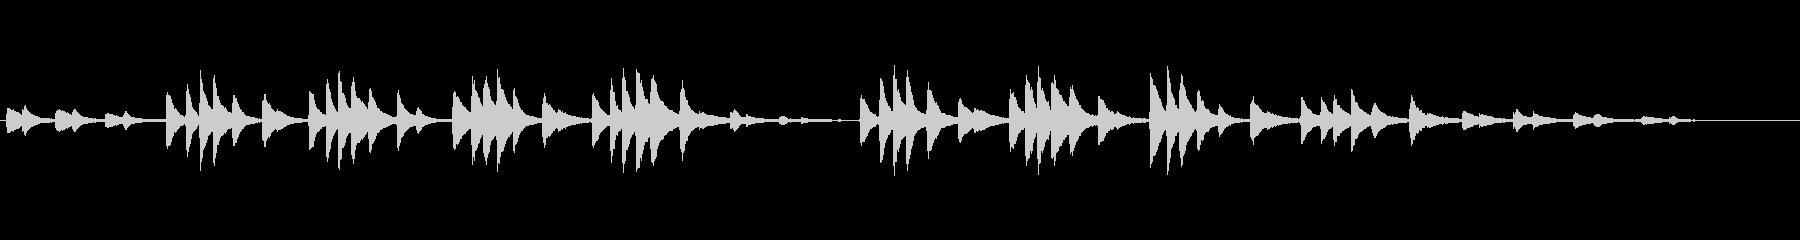 バルトーク「子供のために」26番の未再生の波形